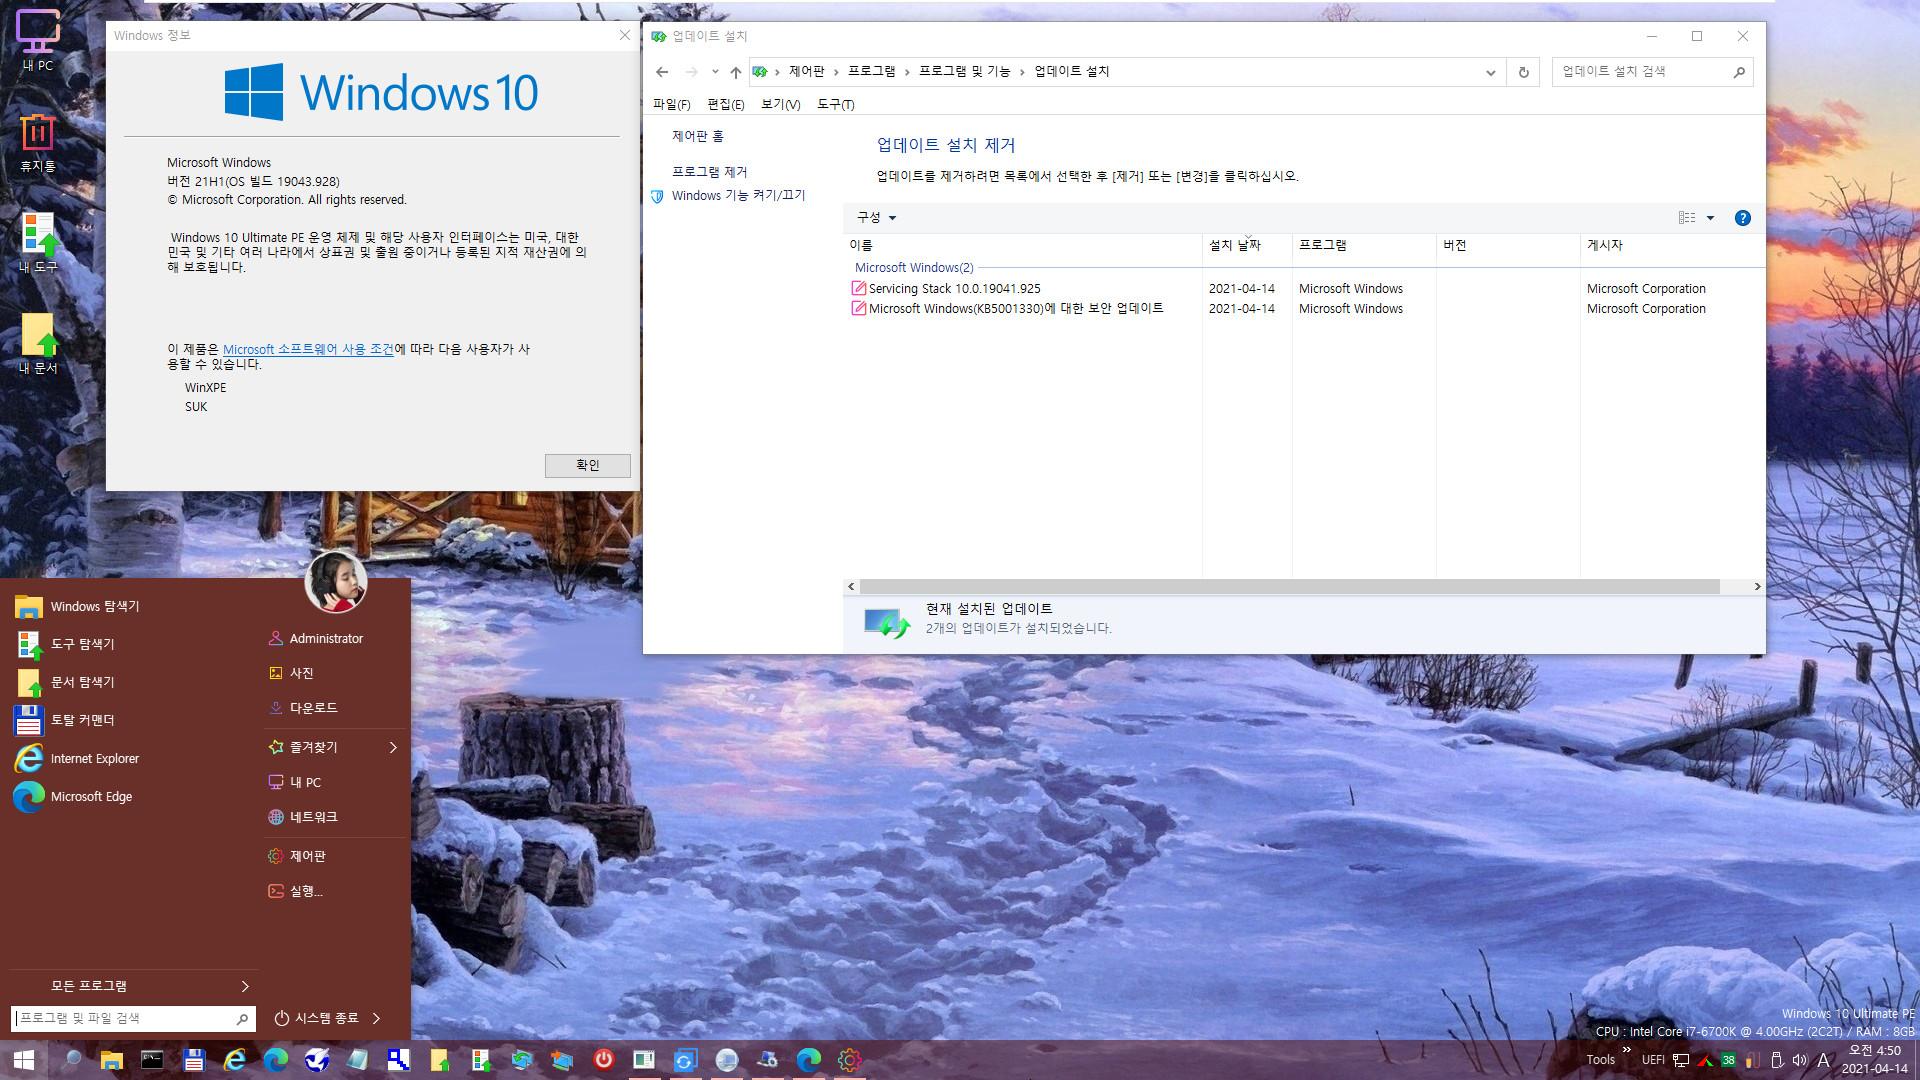 2021-04-14 수요일 정기 업데이트 - PRO x64 3개 버전 통합 - Windows 10 버전 2004, 빌드 19041.928 + 버전 20H2, 빌드 19042.928 + 버전 21H1, 빌드 19043.928 - 공용 누적 업데이트 KB5001330 - 2021-04-14_045035.jpg